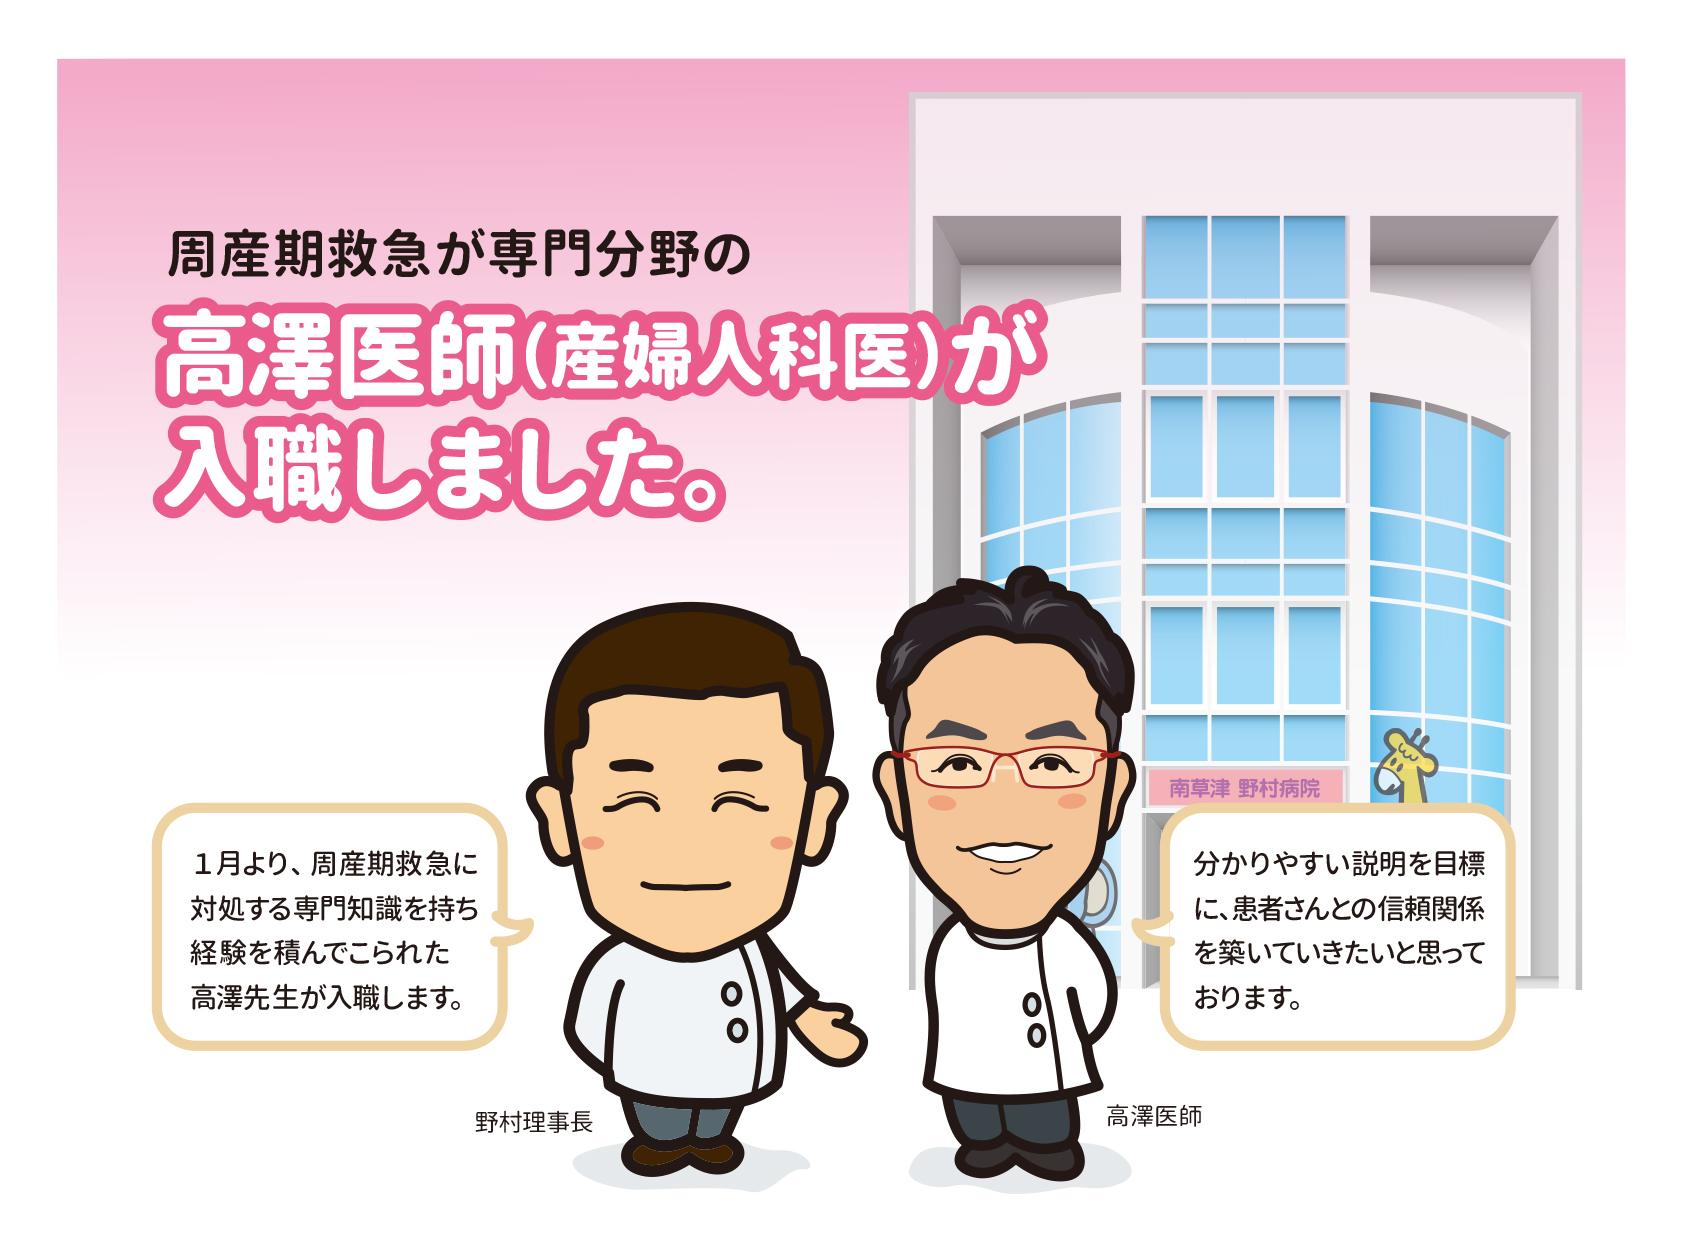 nmb_info_takazawa